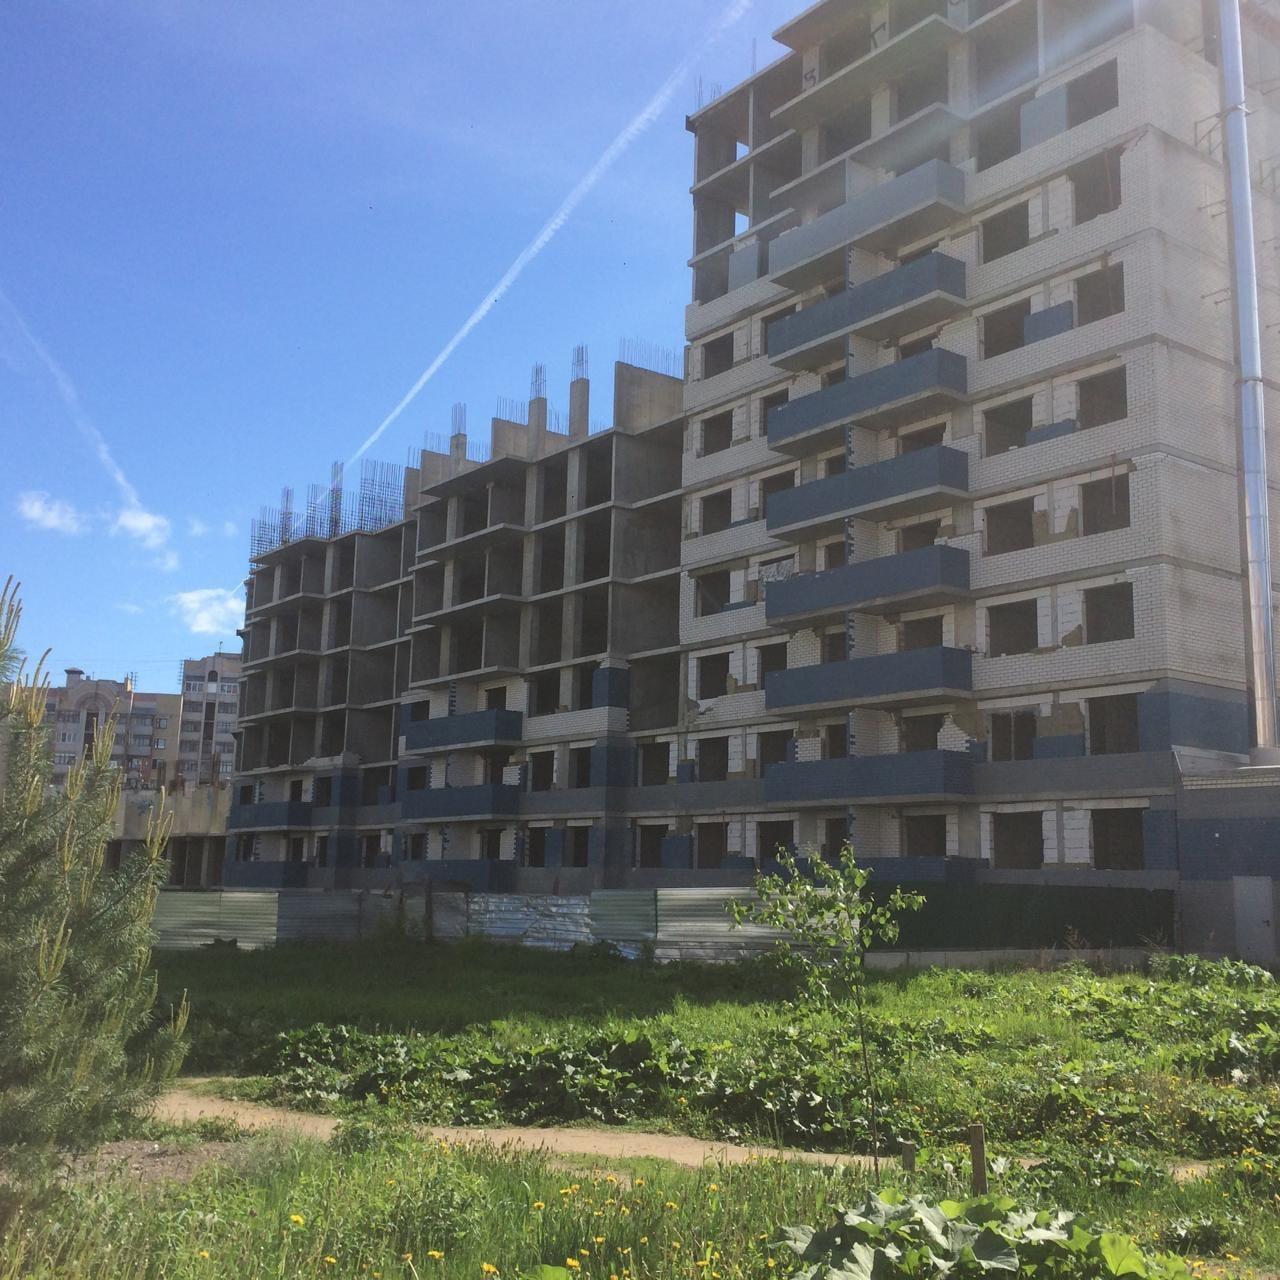 Дмитрий Миронов: найдено решение по еще двум долгостроям в Ярославле